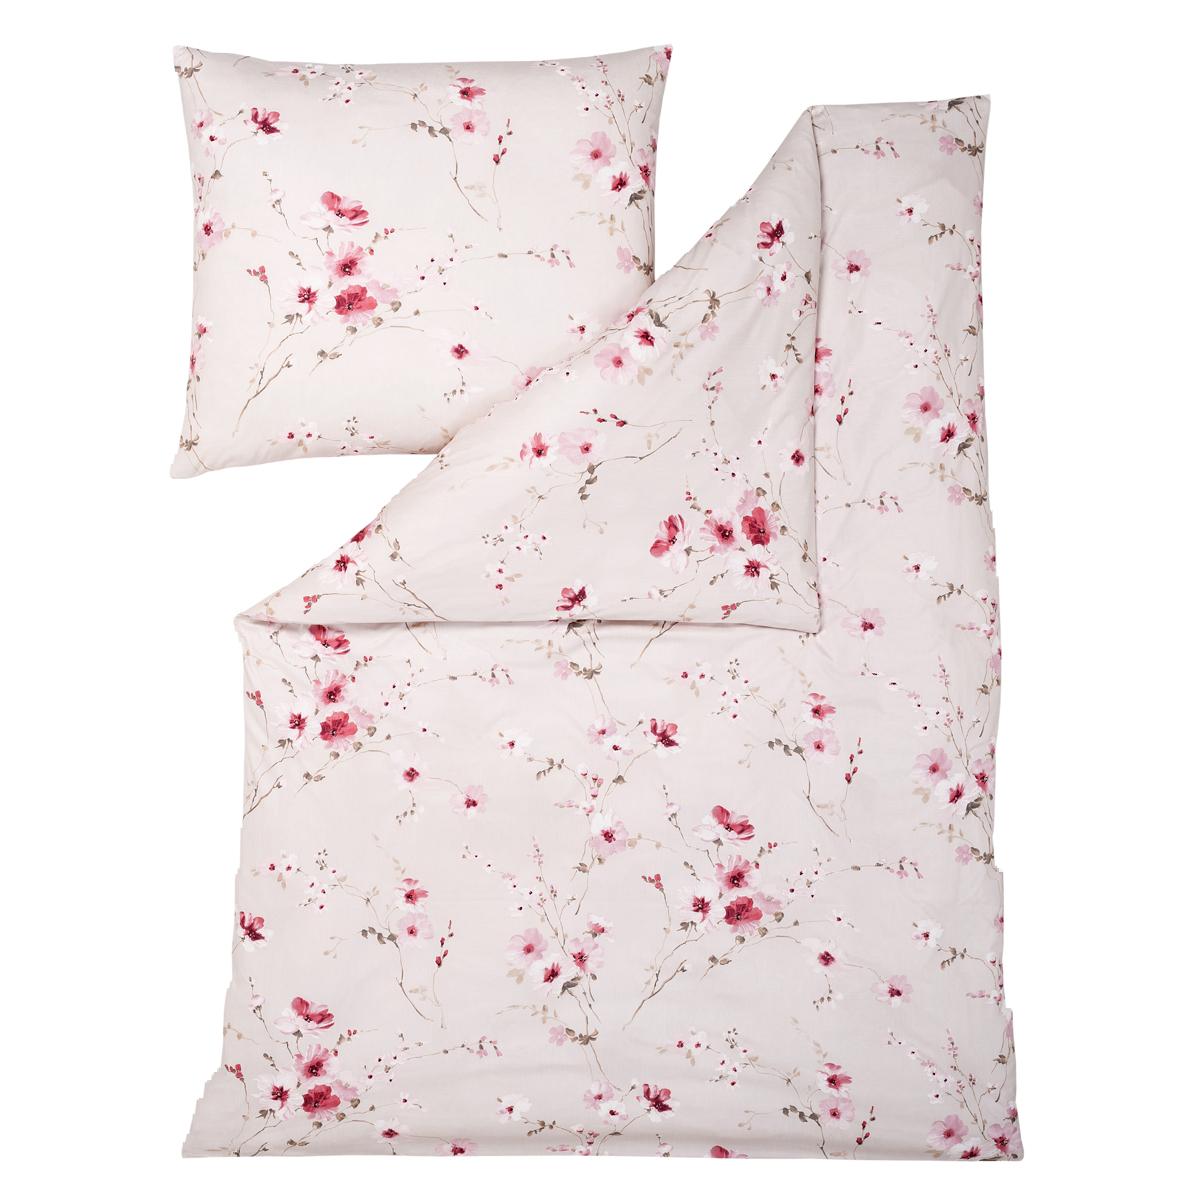 estella interlock jersey bettw sche emma azalee bettw sche. Black Bedroom Furniture Sets. Home Design Ideas